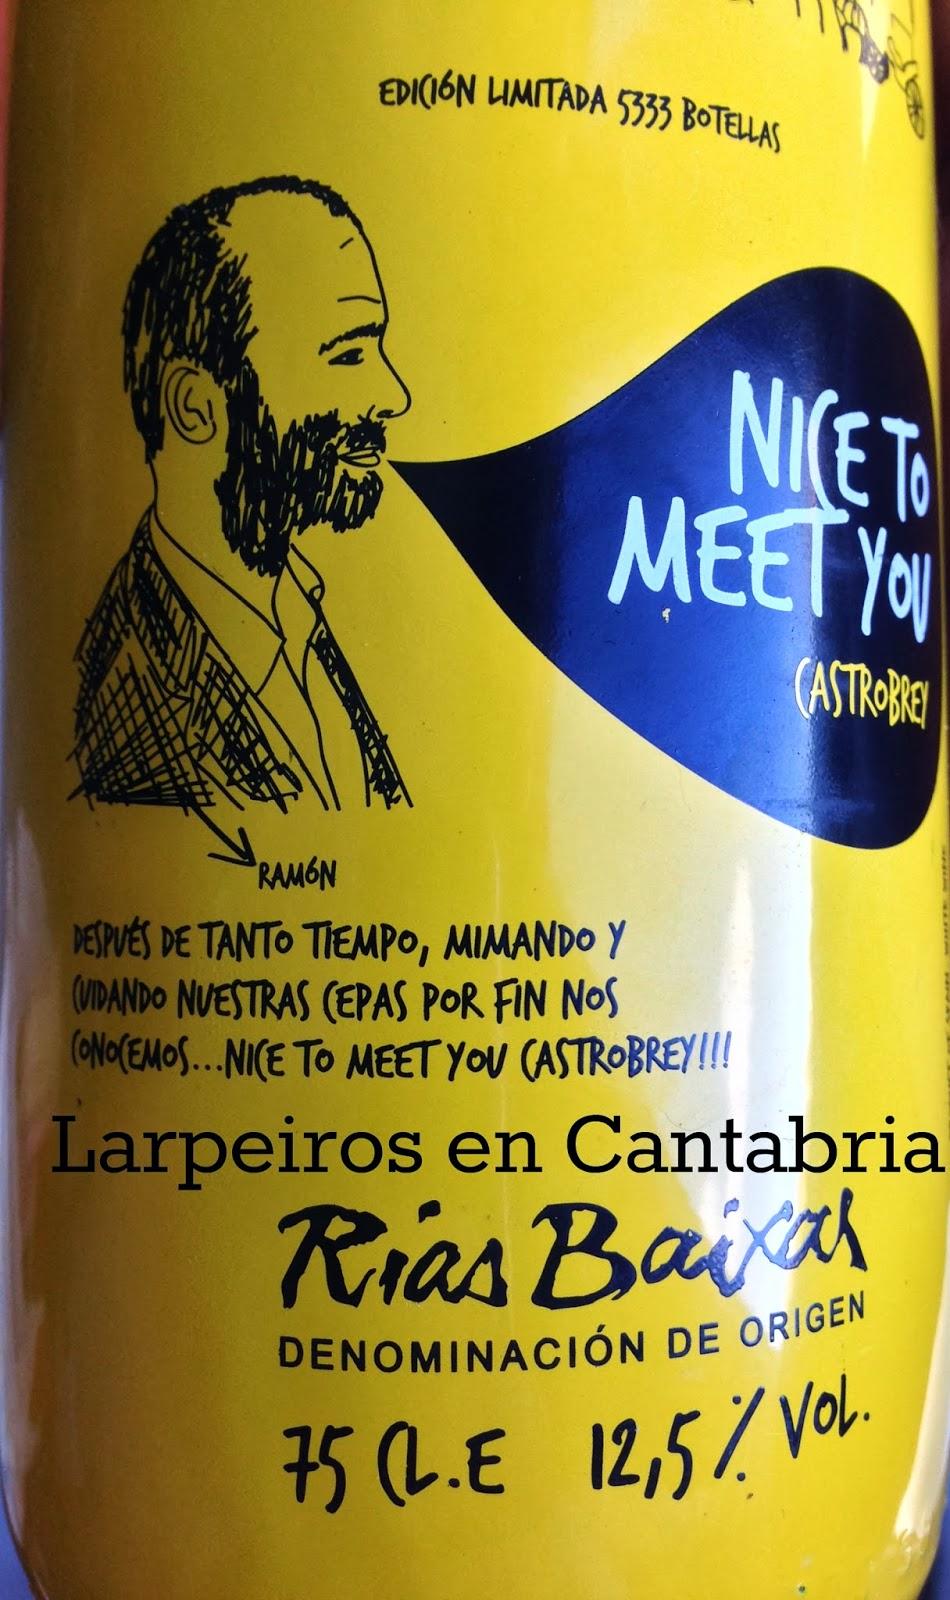 Vino Blanco Nice To Meet You 2012: Encantado de conocerte